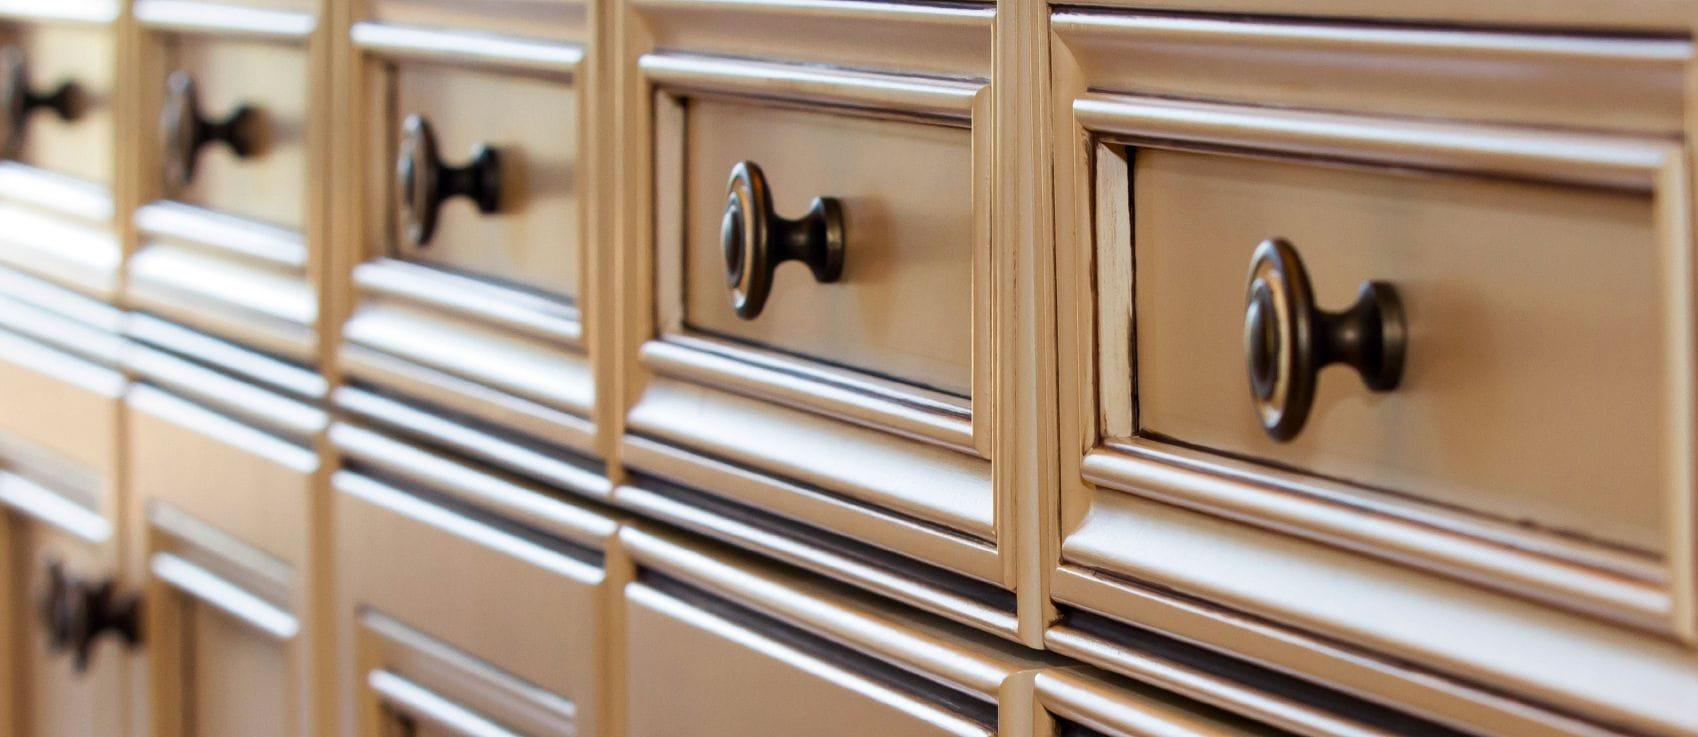 انواع دستگیره کابینت آشپزخانه